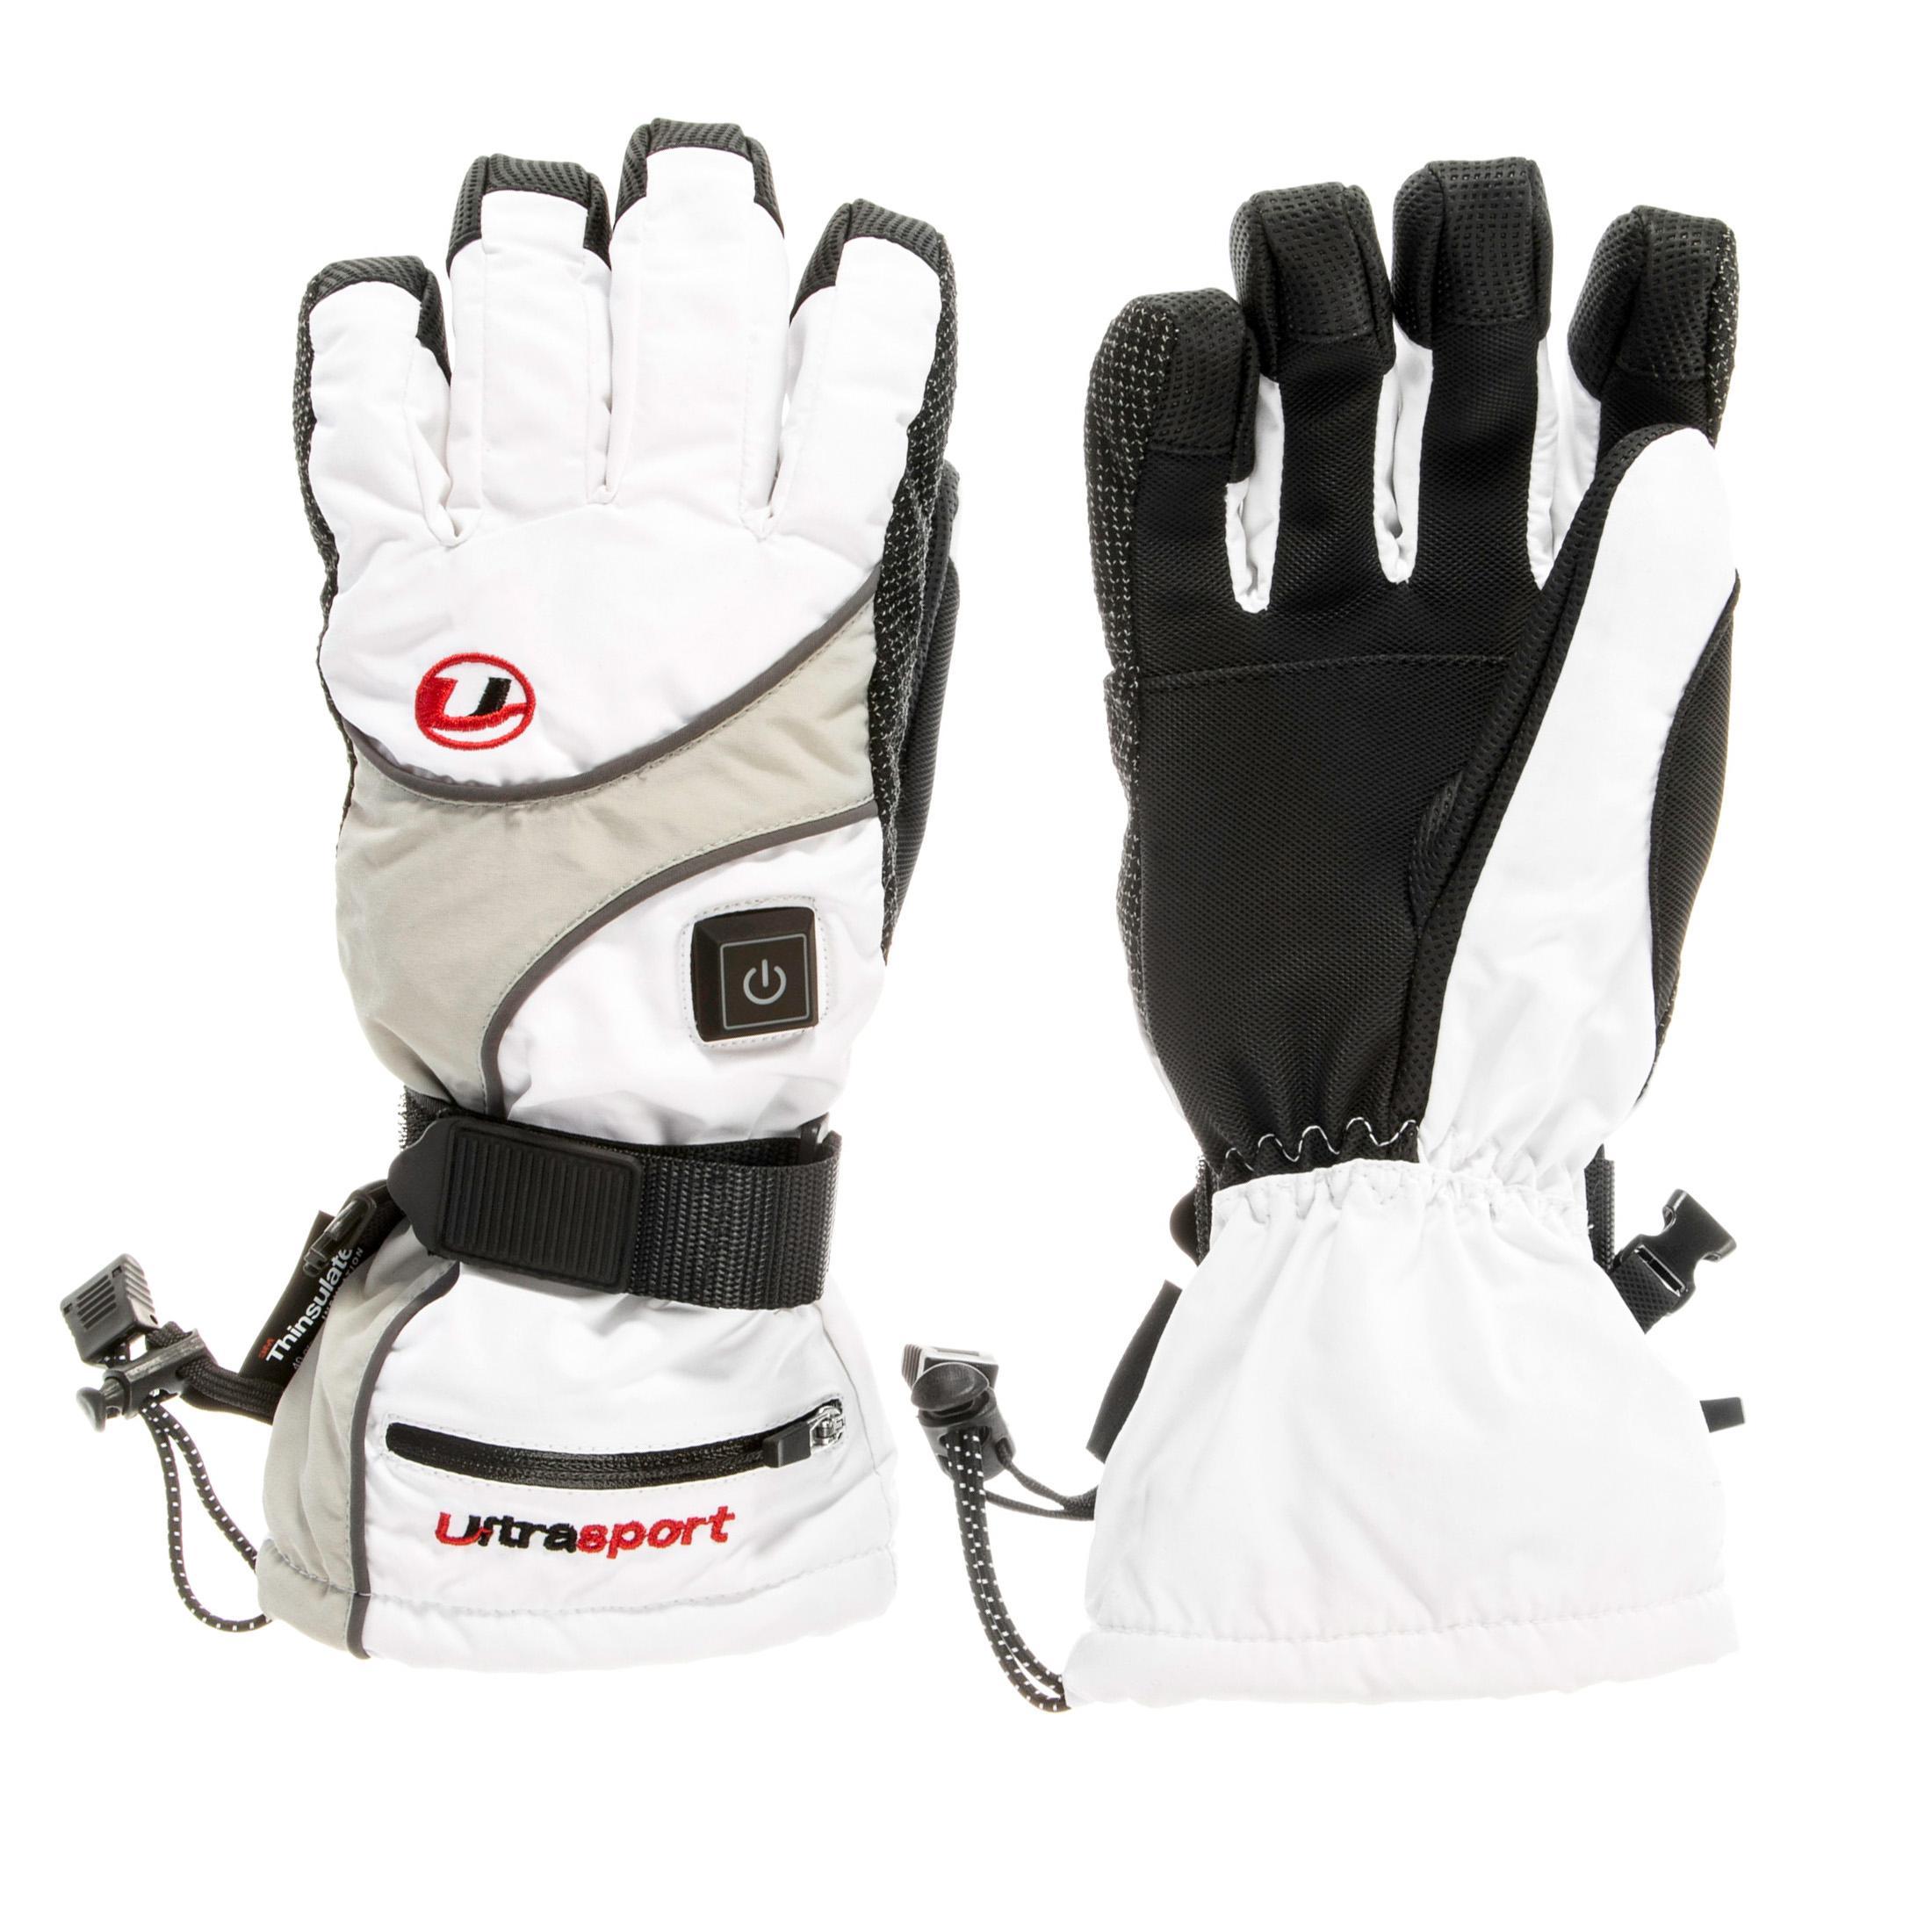 ultrasport gants de snowboard chauffants pour femme avec pack de batteries et chargeur blanc. Black Bedroom Furniture Sets. Home Design Ideas